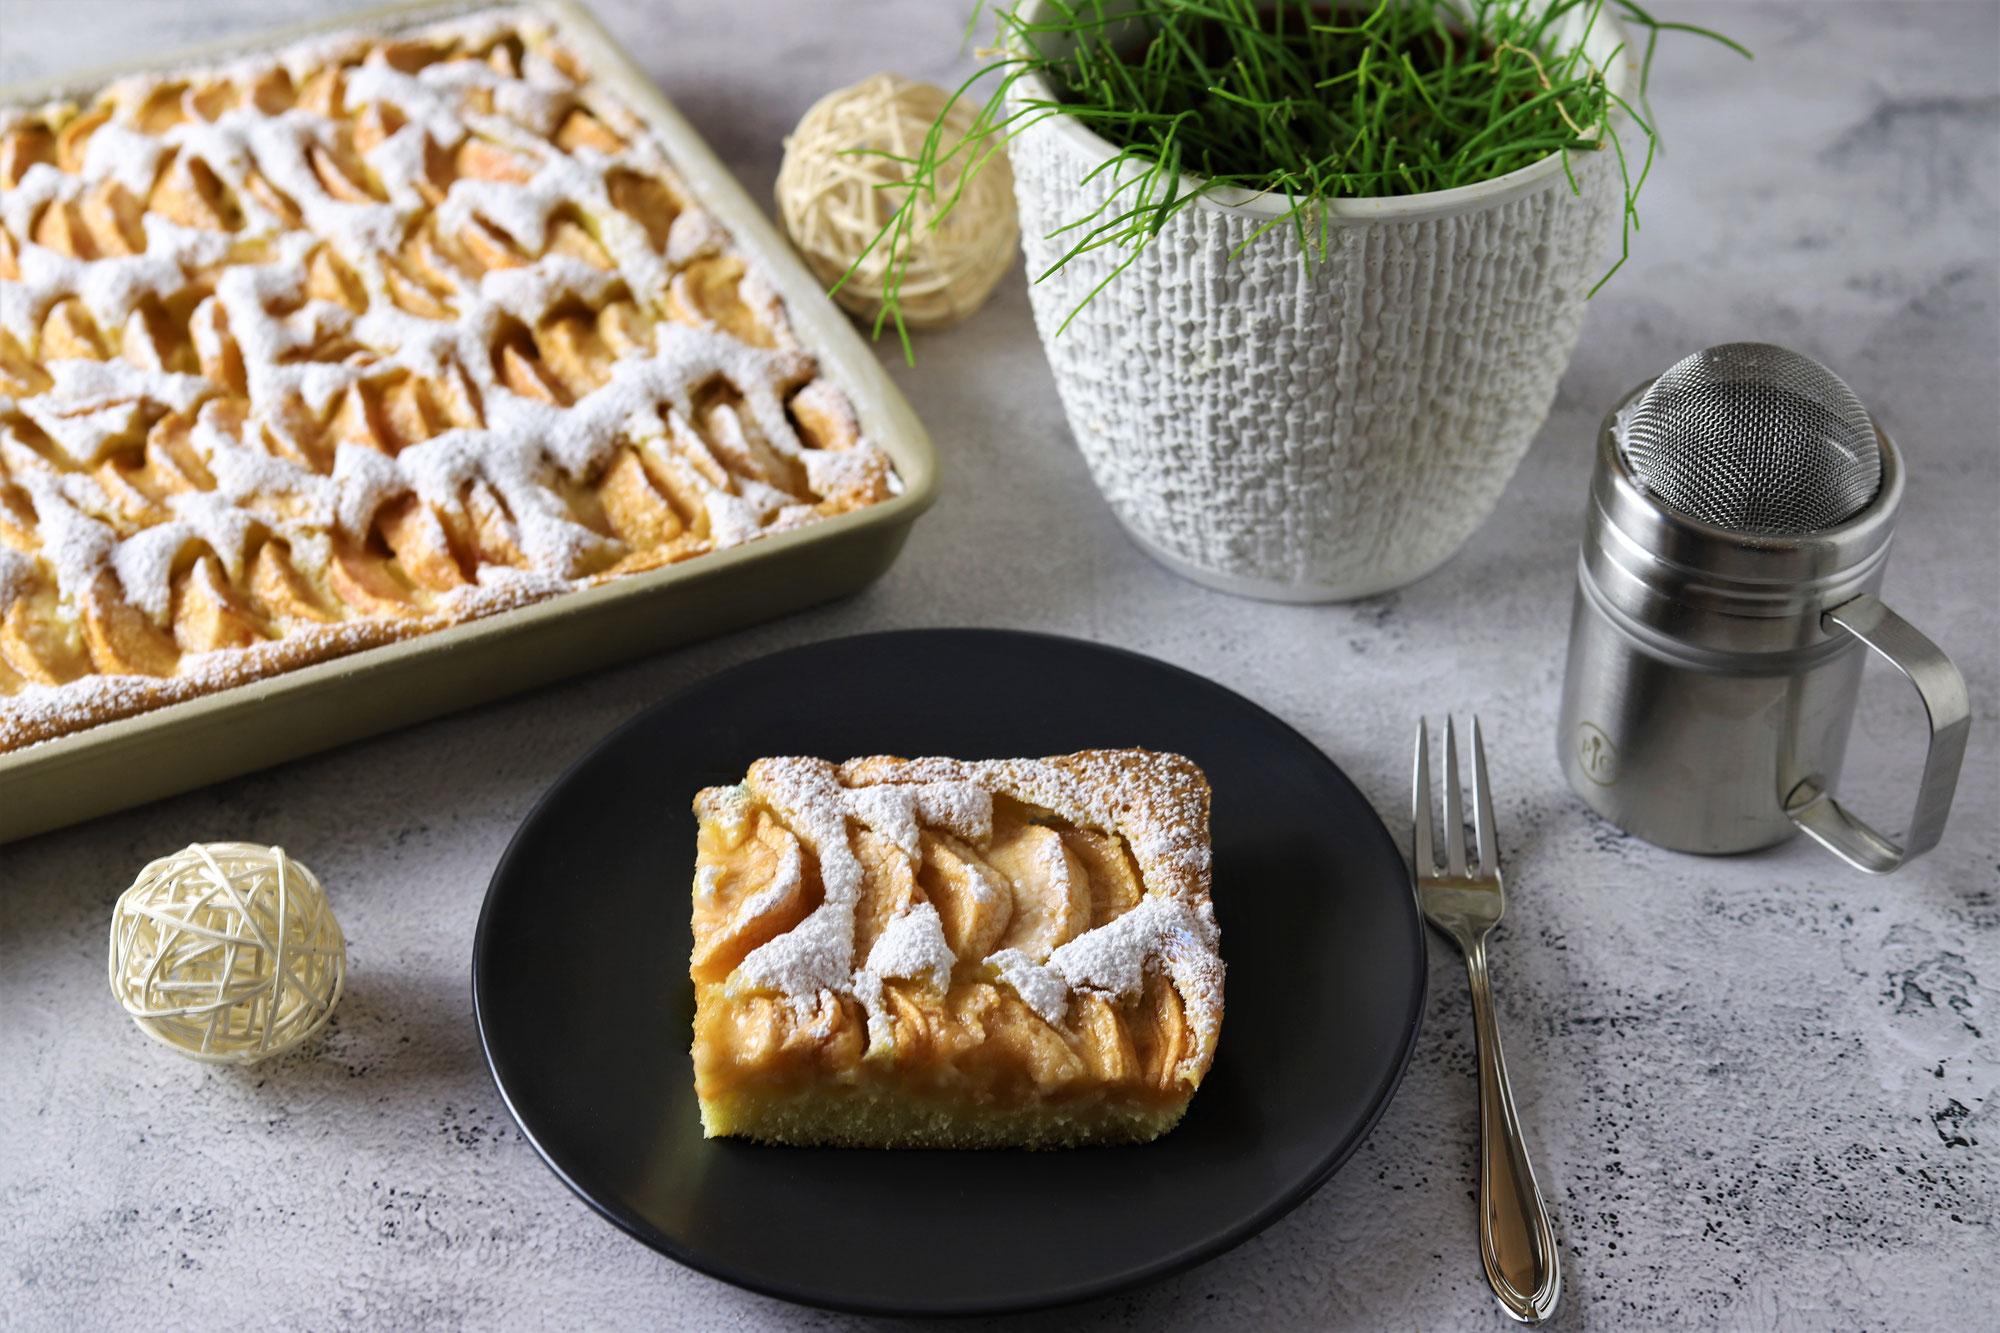 Apfelkuchen ratzfatz im Ofenzauberer von Pampered Chef®